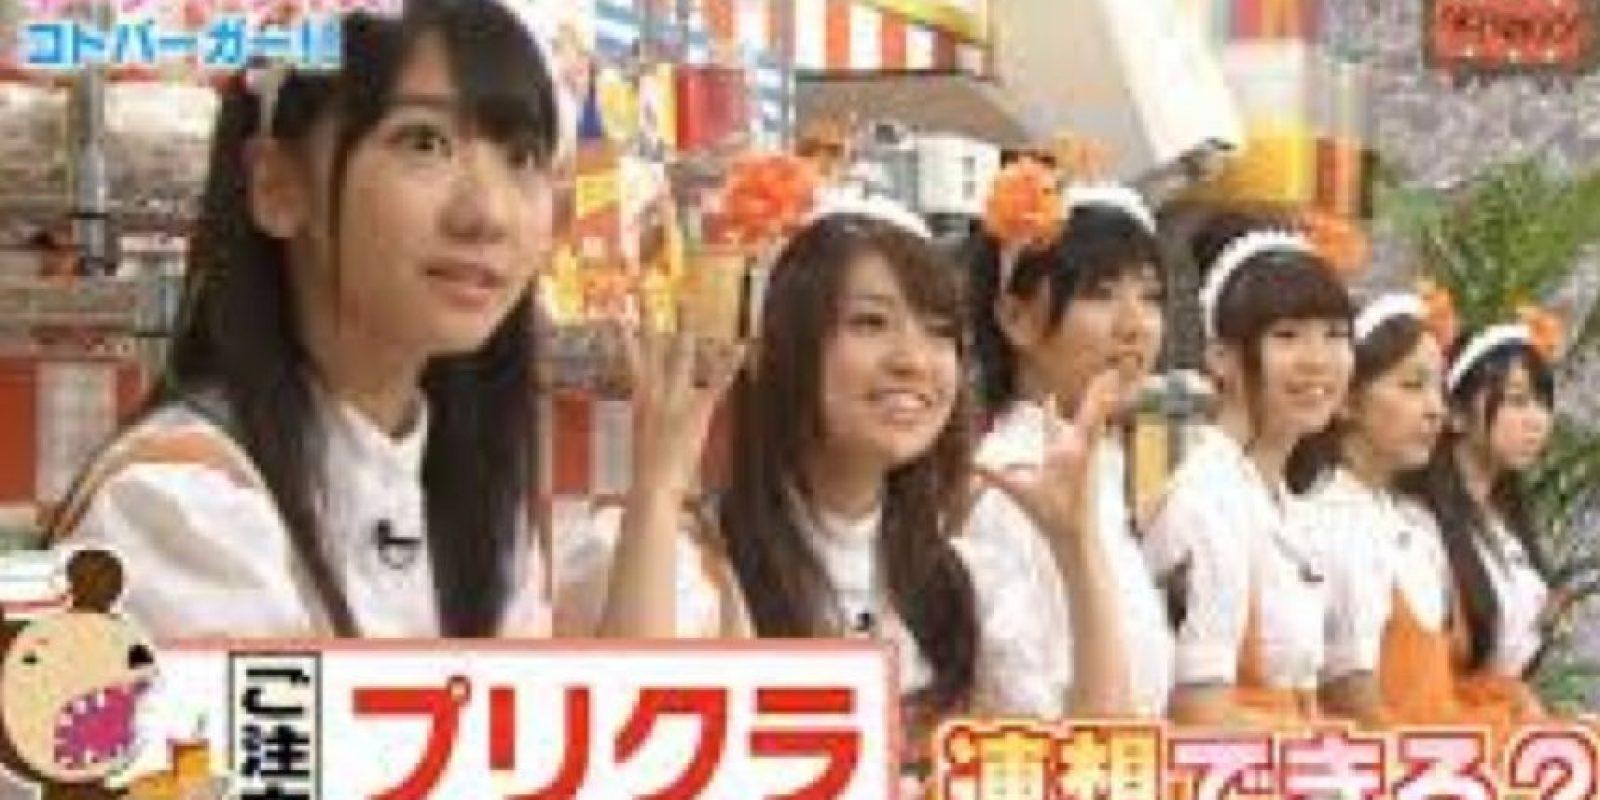 Si de concursos japoneses se trata, nunca se acaban las sorpresas. Foto:vía Tv Nippon